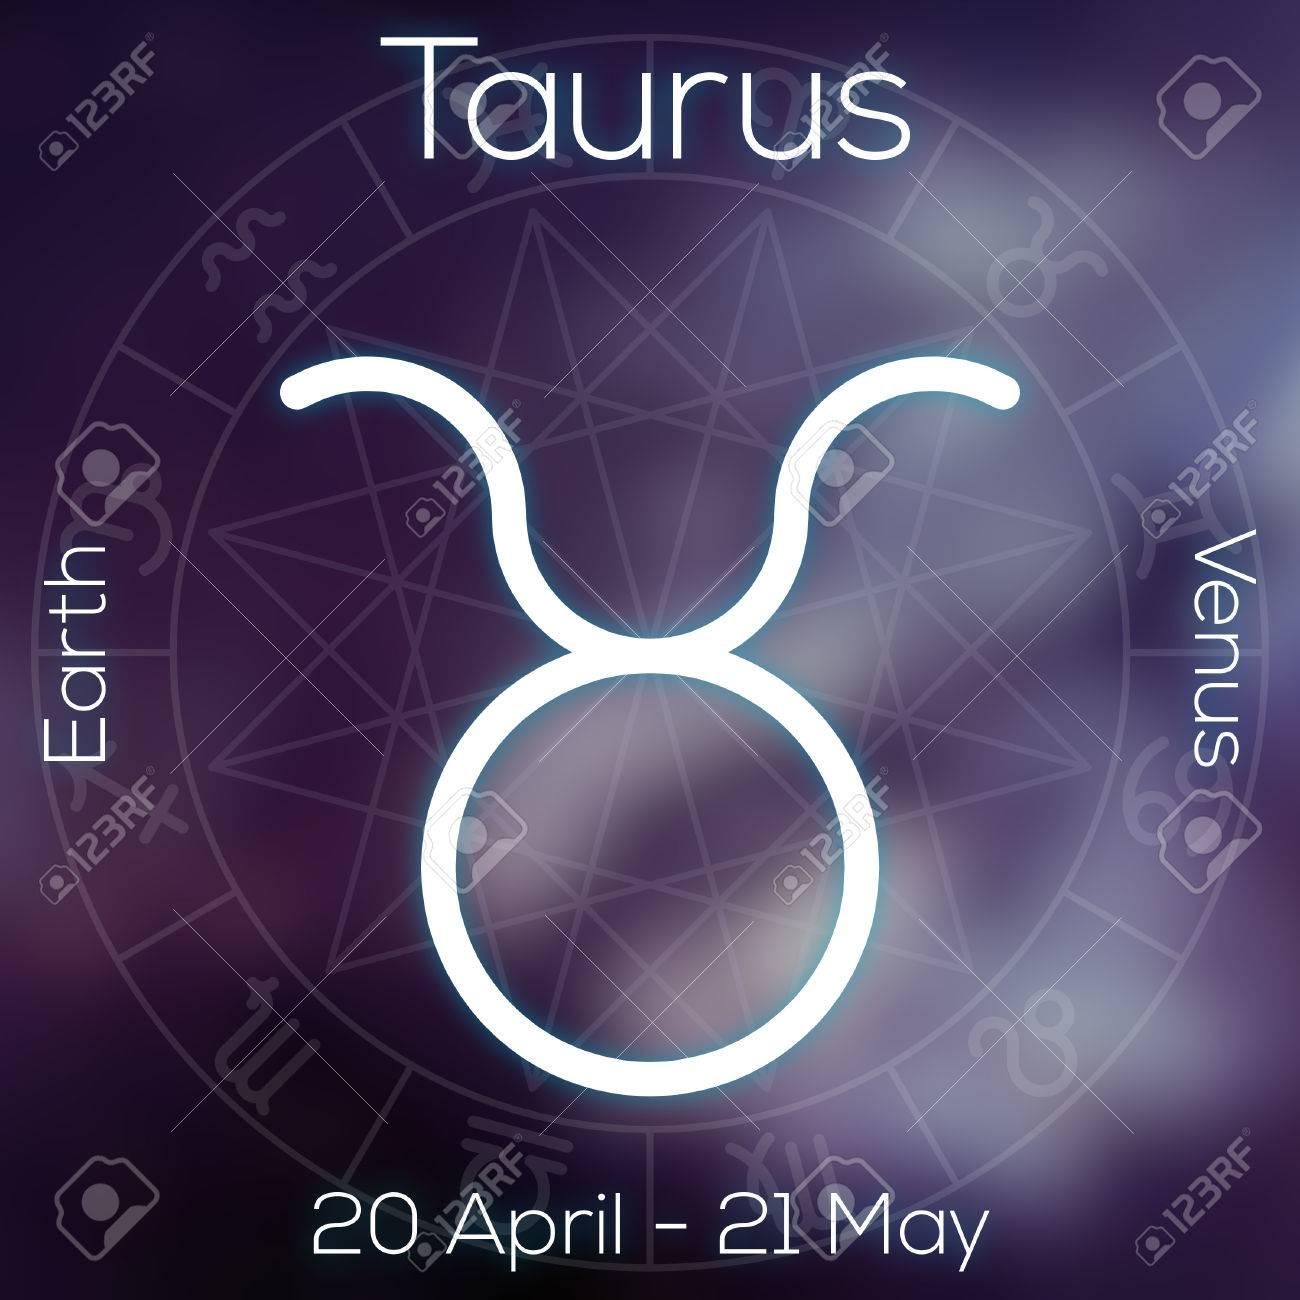 Banque d images - Signe du zodiaque - Taureau. Ligne blanche symbole  astrologique avec la légende, les dates, la planète et élément sur flou  fond abstrait ... f08a8dccb6d